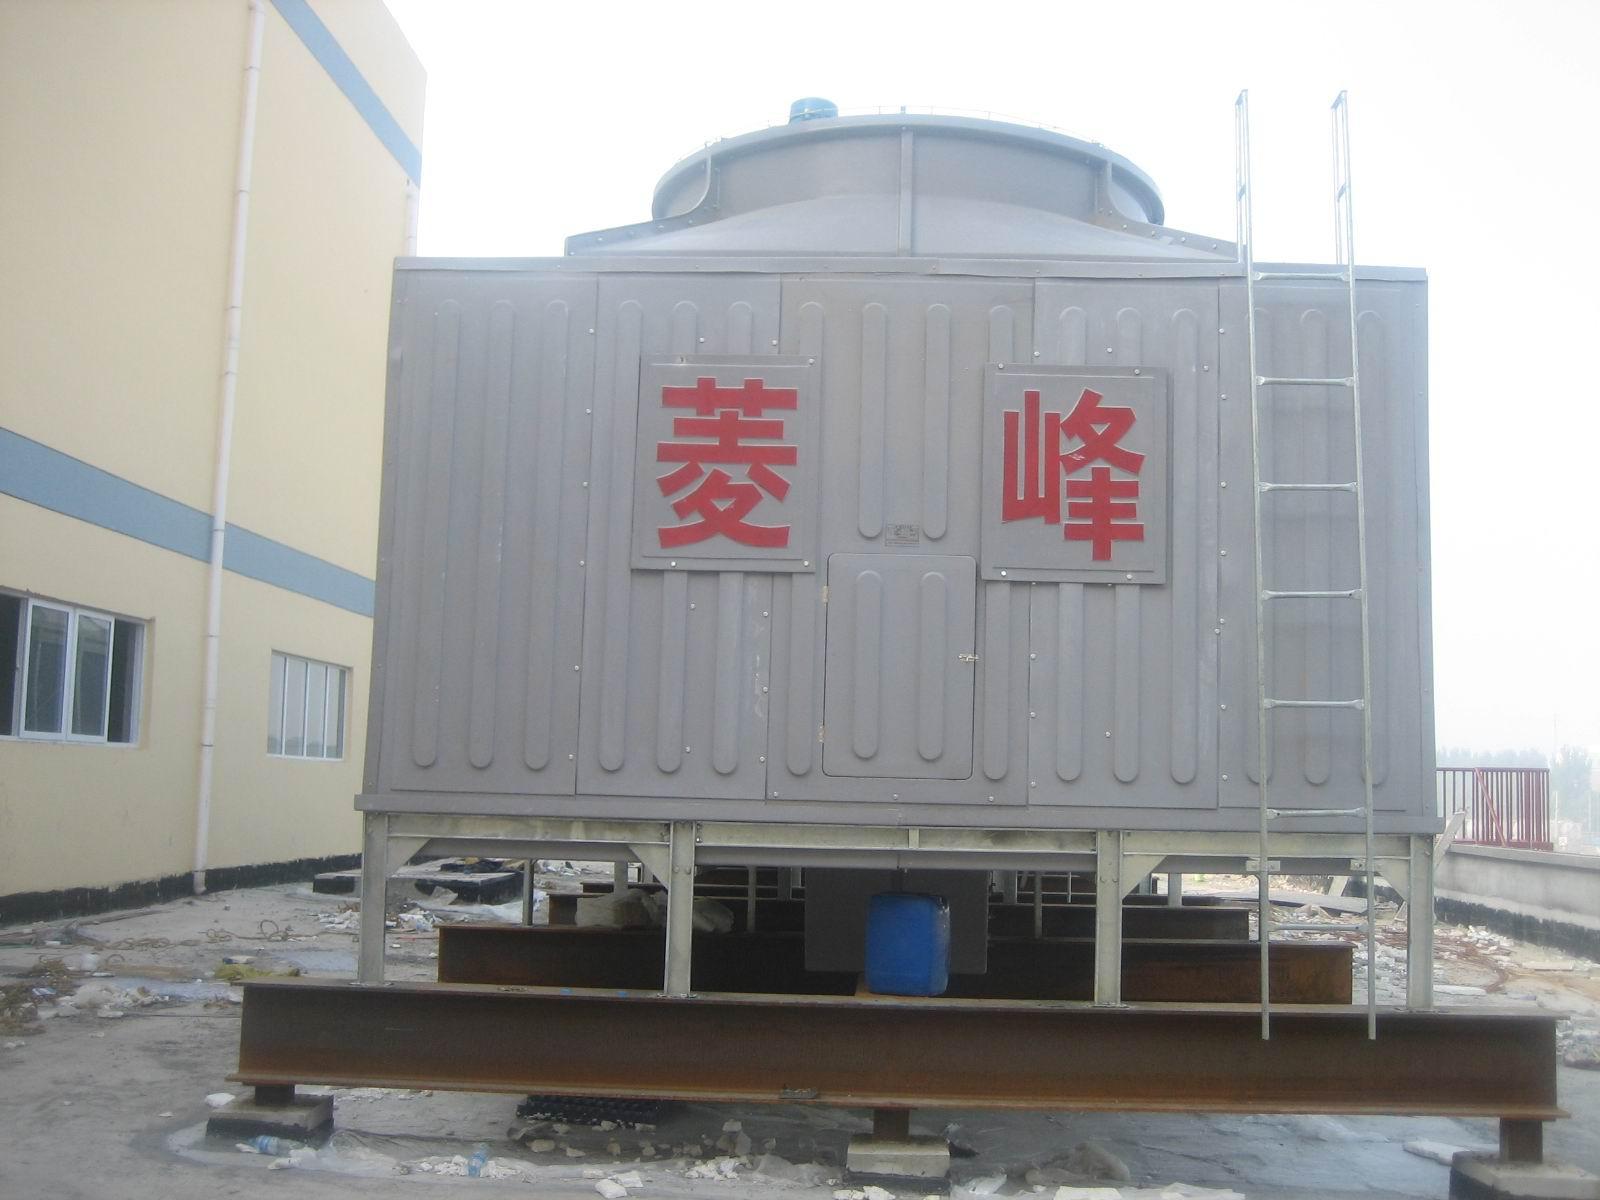 DBNL3J J—集水型(集水型冷却塔的水盘比一般性的水盘高300-400) (1)塔体:型线合理,气流平稳,材质优良,色彩鲜艳,表面胶衣树脂内含有抗紫外线剂,耐老化,强度高,重量轻,耐腐蚀。下塔体按订货要求,可配有溢水、排污、自动给水管,可由此处直接吸水,省去冷却池,上面装有防噪消声垫,有效降低了滴水声。 (2)填料:采用改性聚氯乙烯波片,横向增加了凸筋,水的再分配能力强,阻力小,热力性能好,耐高温70度、低温-50度,阻燃性好。 (3)旋转布水器及布水管:装有不锈钢球轴承,运转灵活可靠,